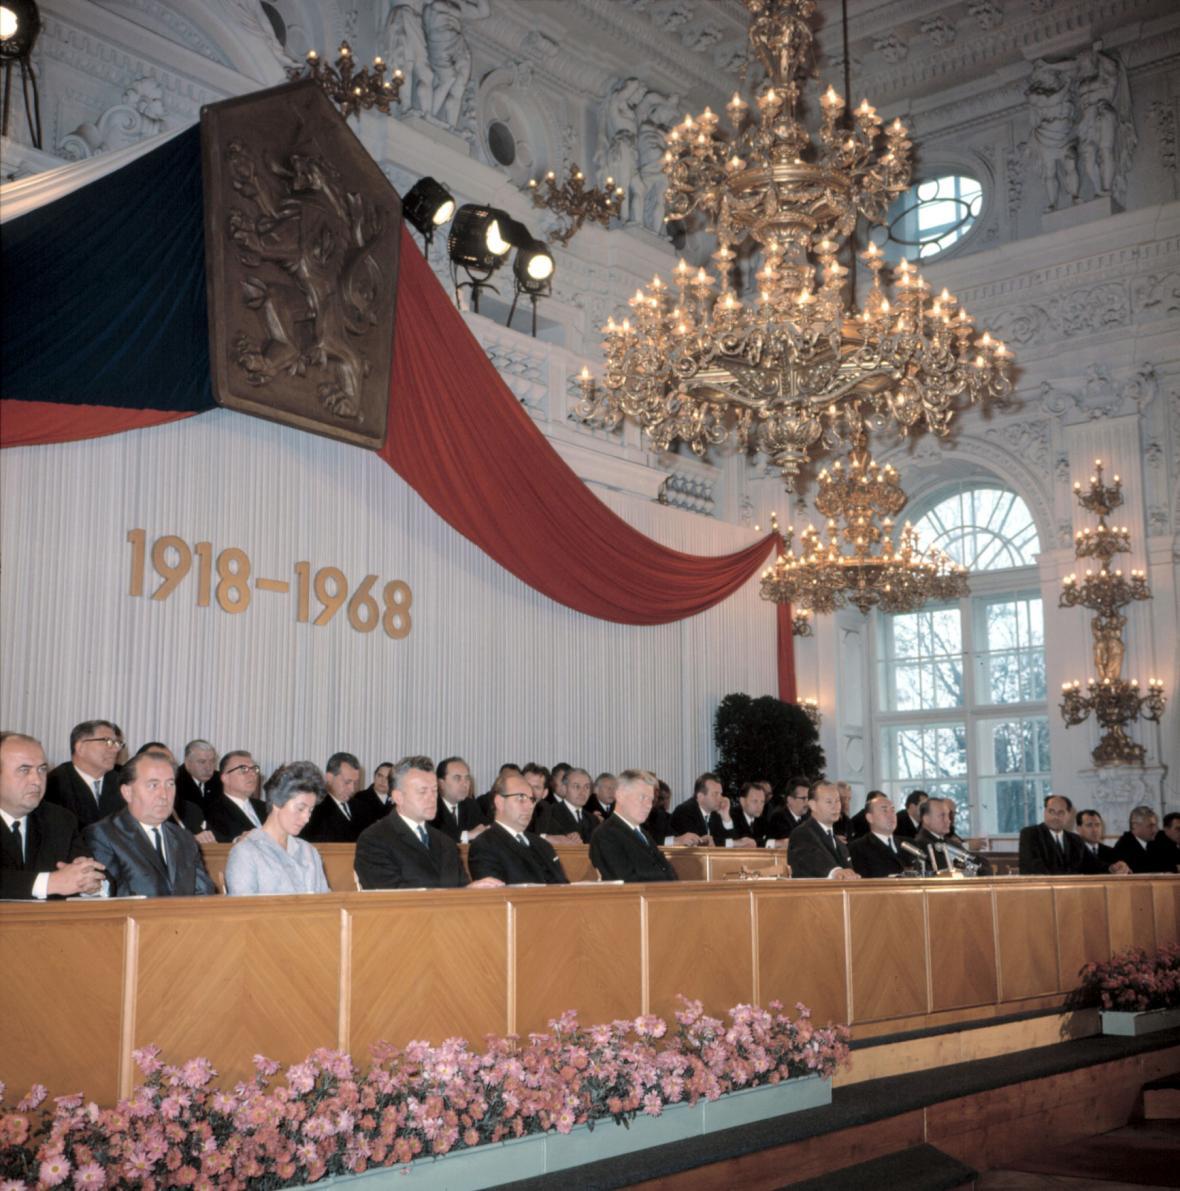 Dne 27. října 1968 Národní shromáždění schválilo zákon o československé federaci